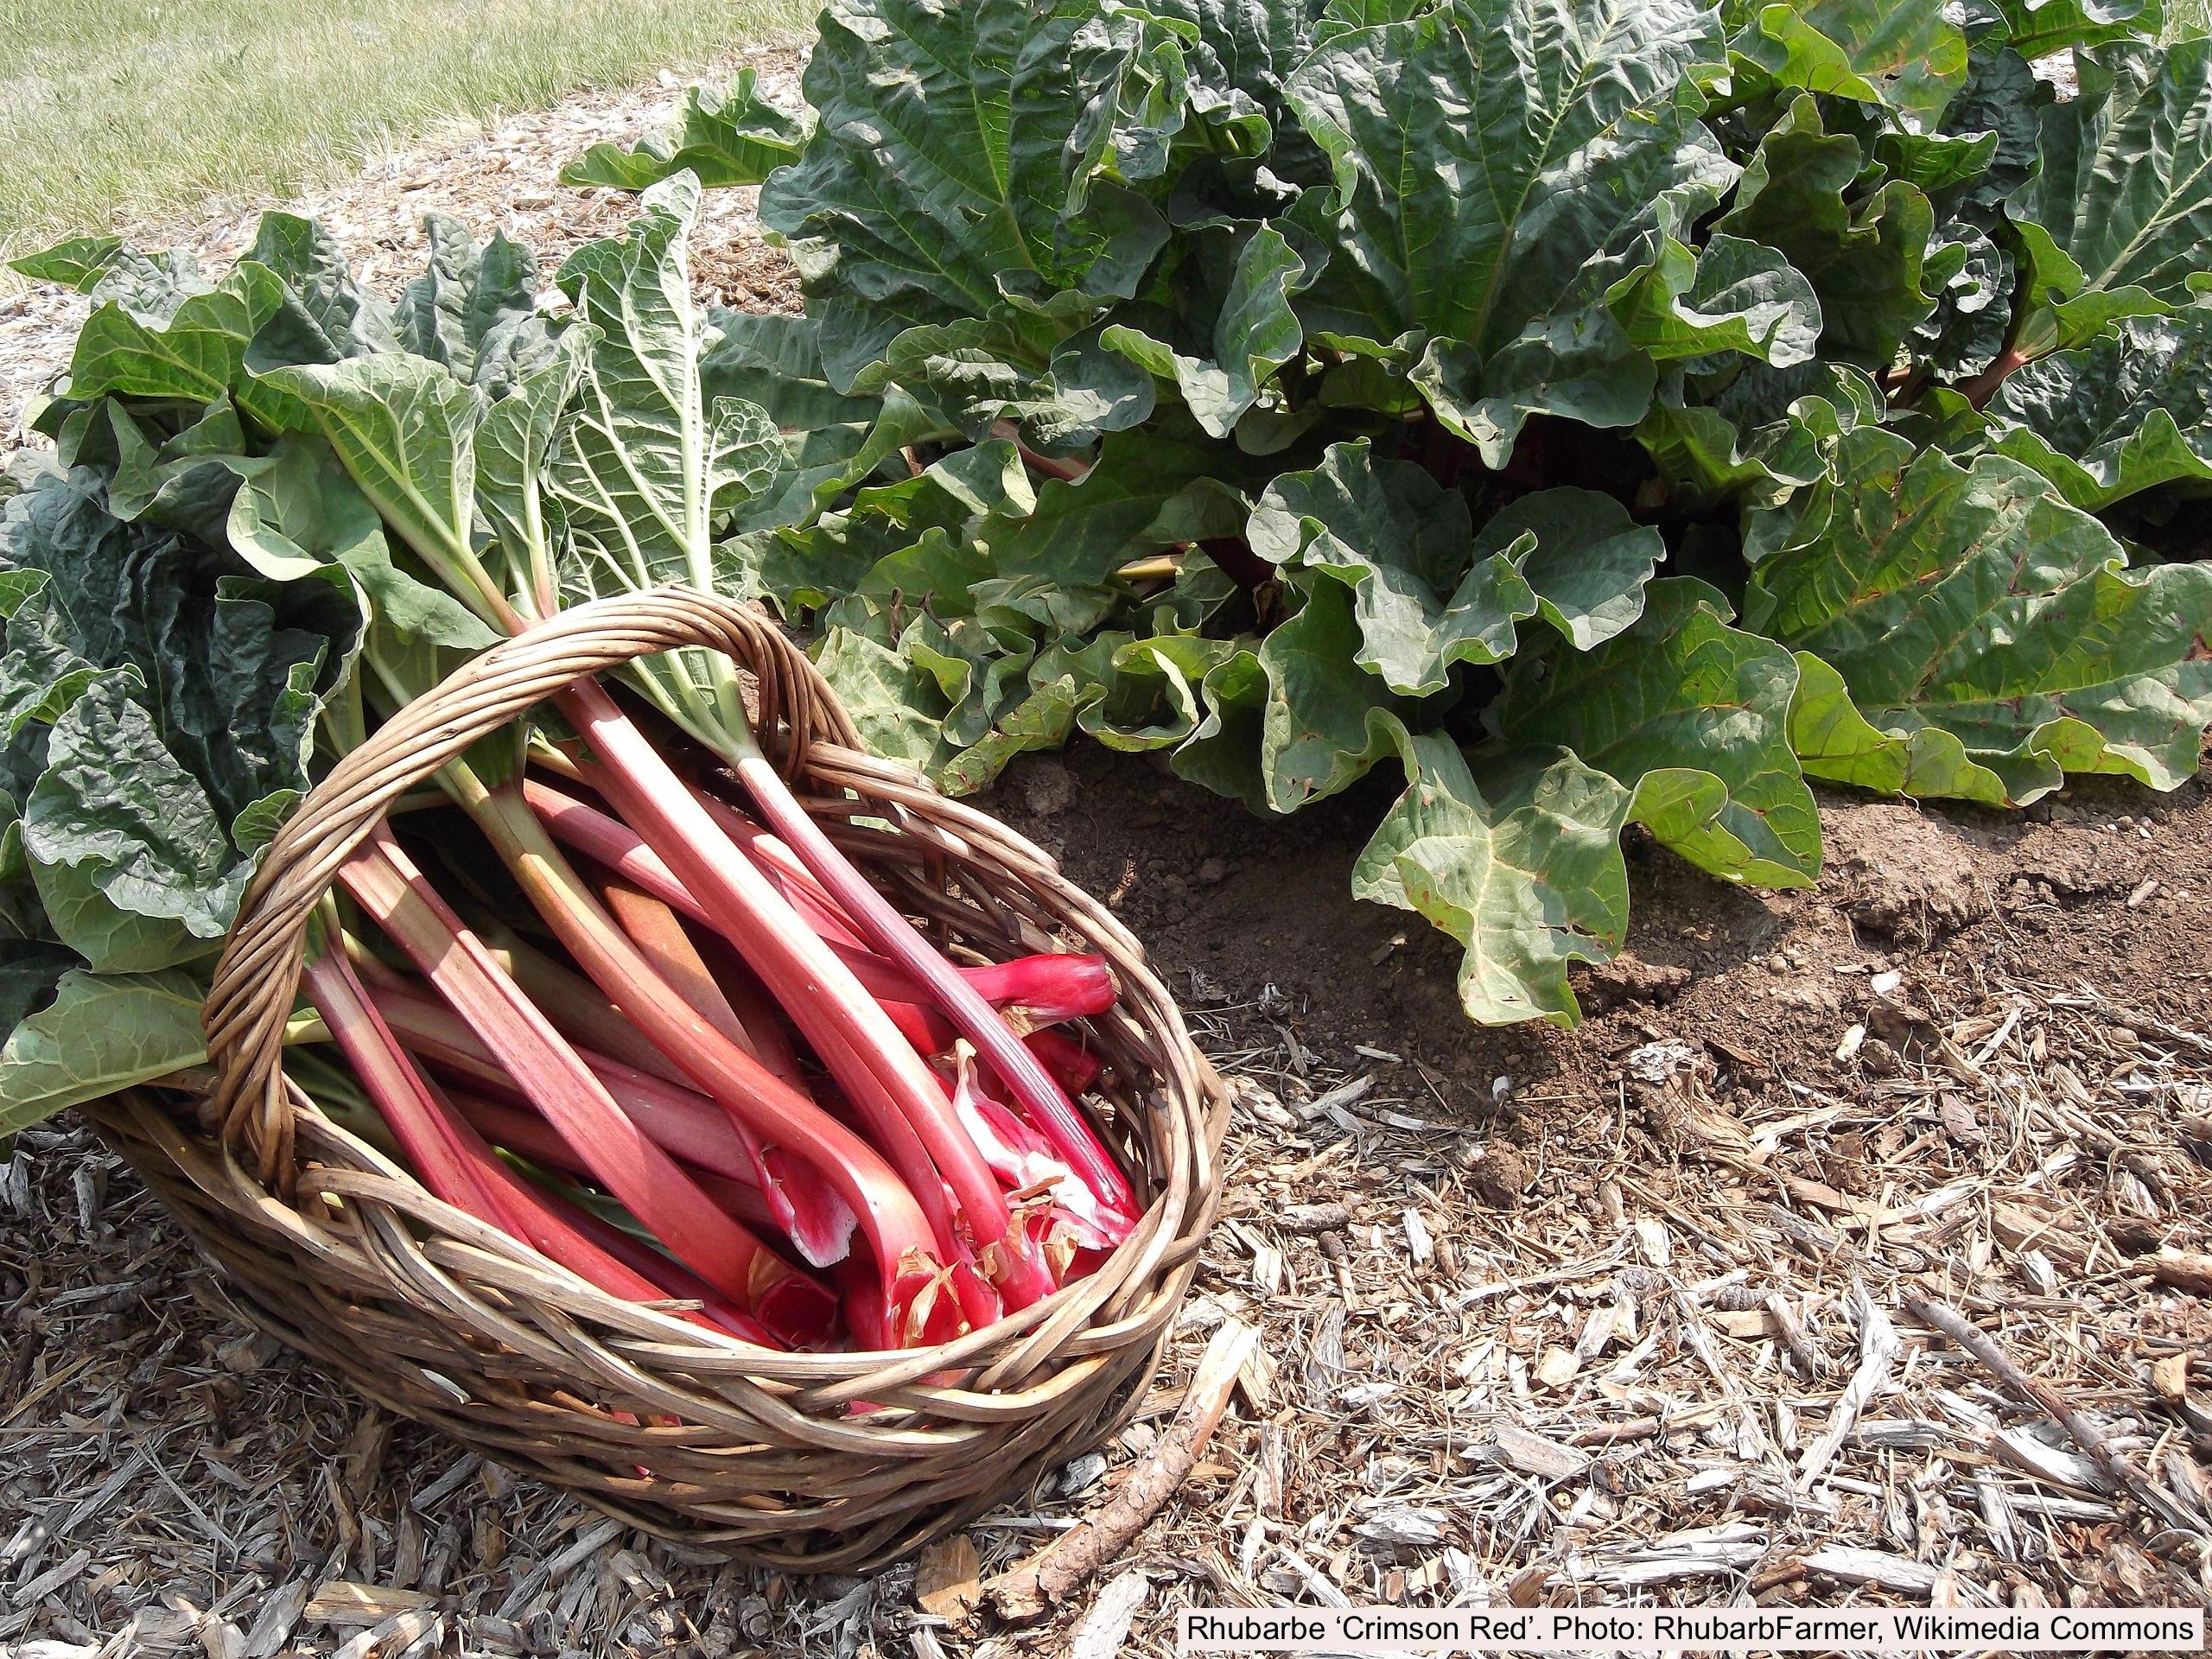 Pétioles de rhubarbe rouge dans un panier et aussi plante de rhubarbe